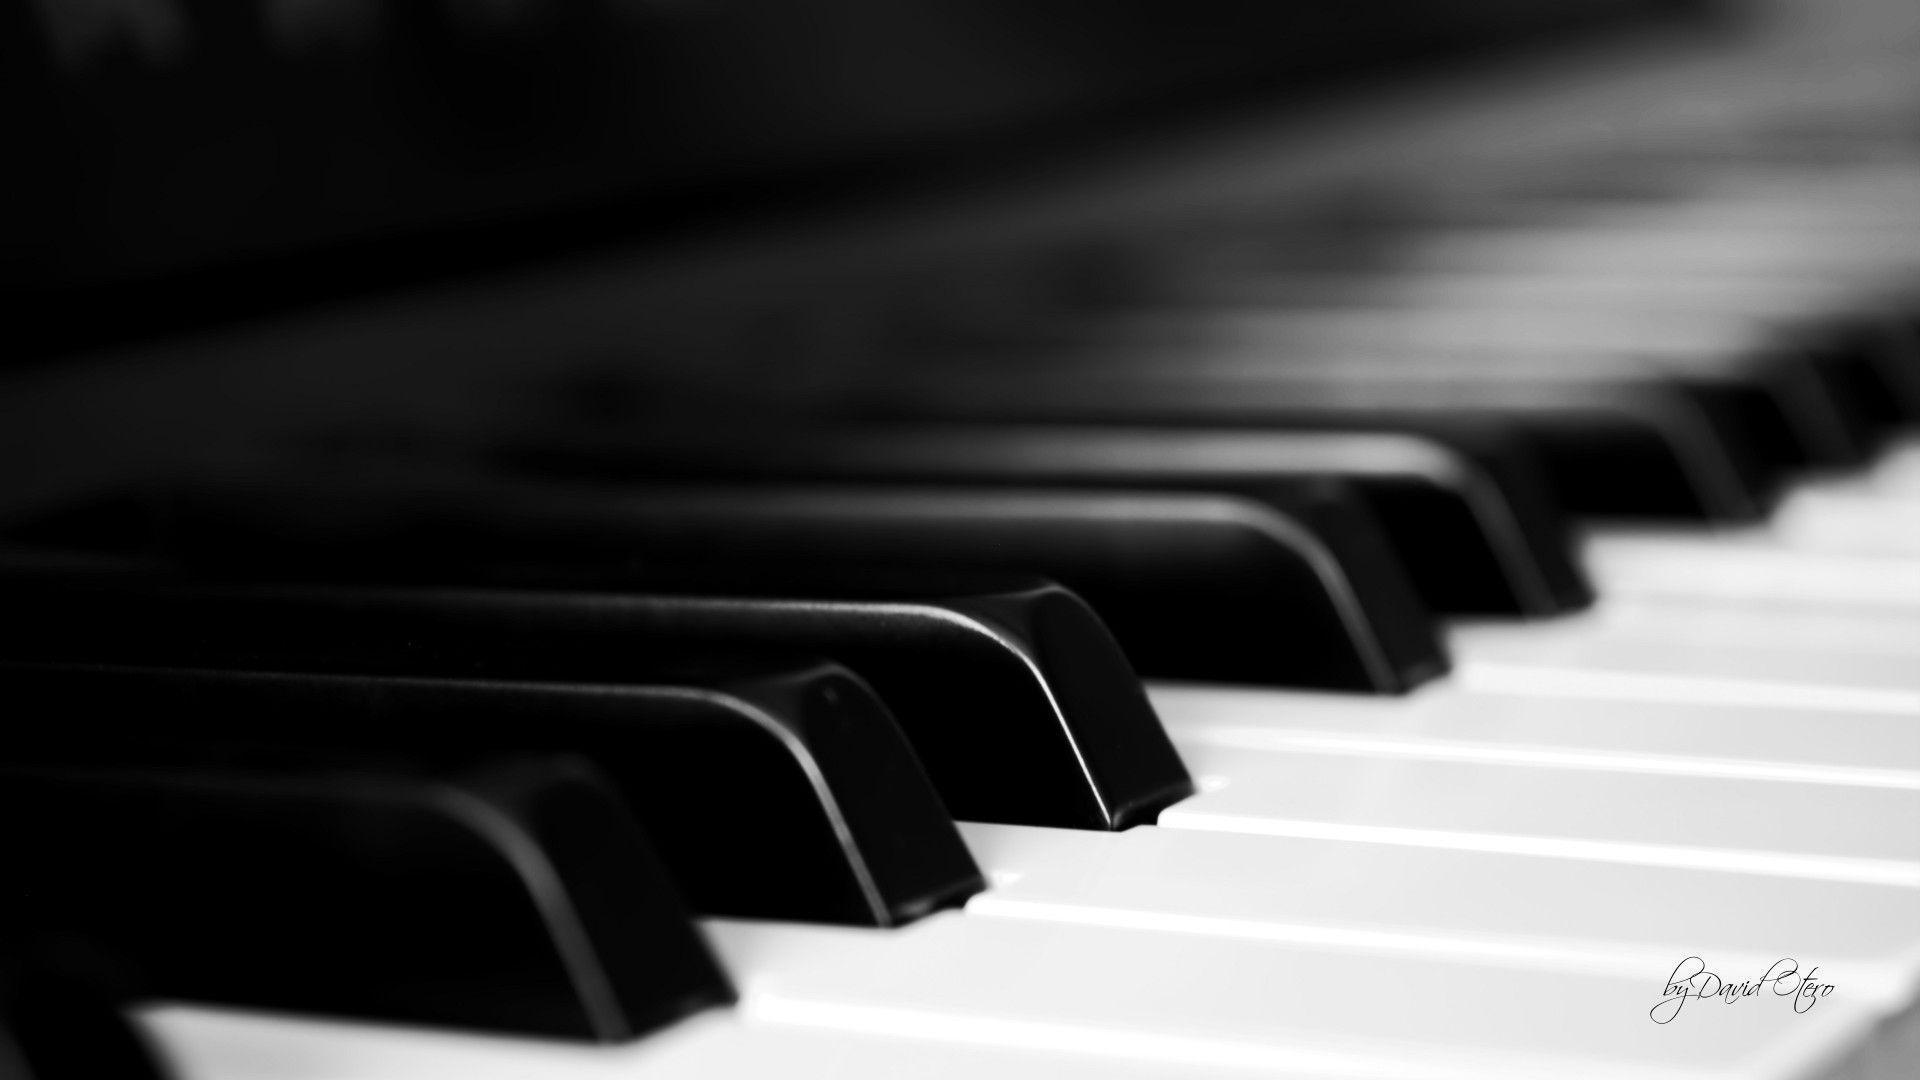 grand piano wallpaper - photo #22